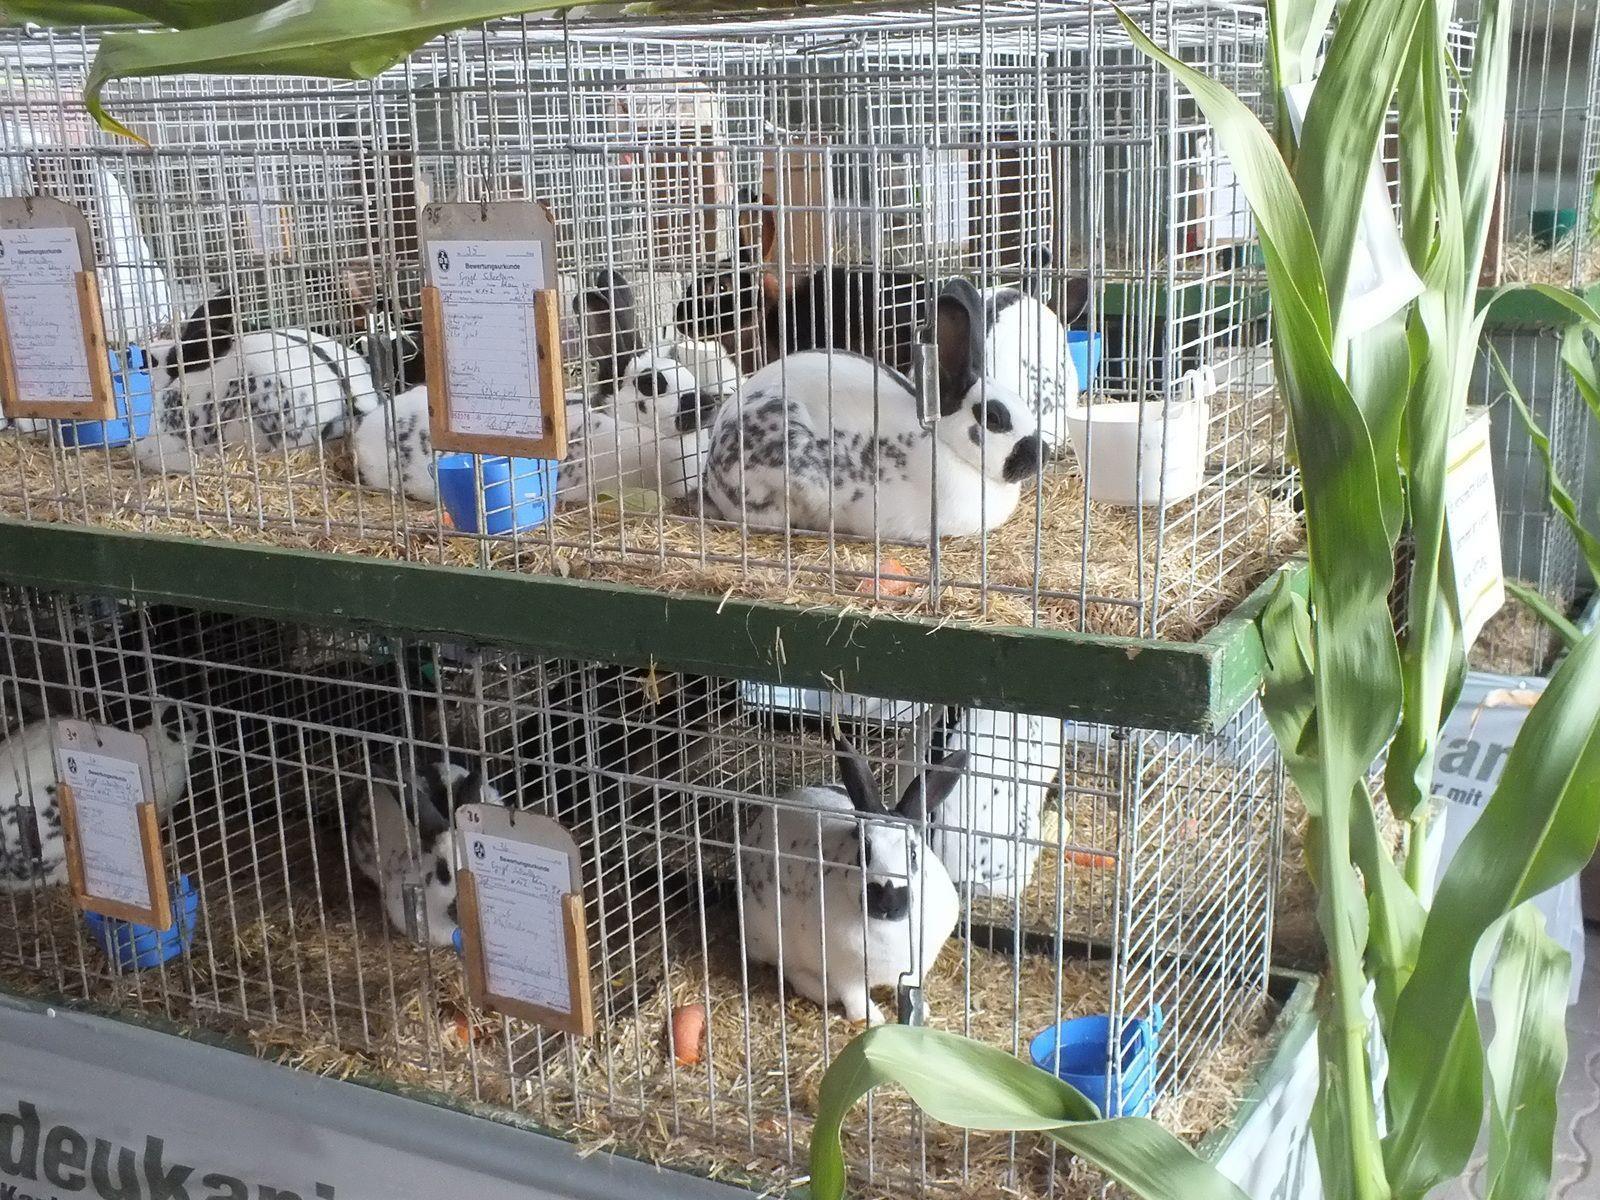 Zahlreiche Tierrassen können wieder bei der Landesausstellung der Kleintierzuchtvereine bewundert werden.